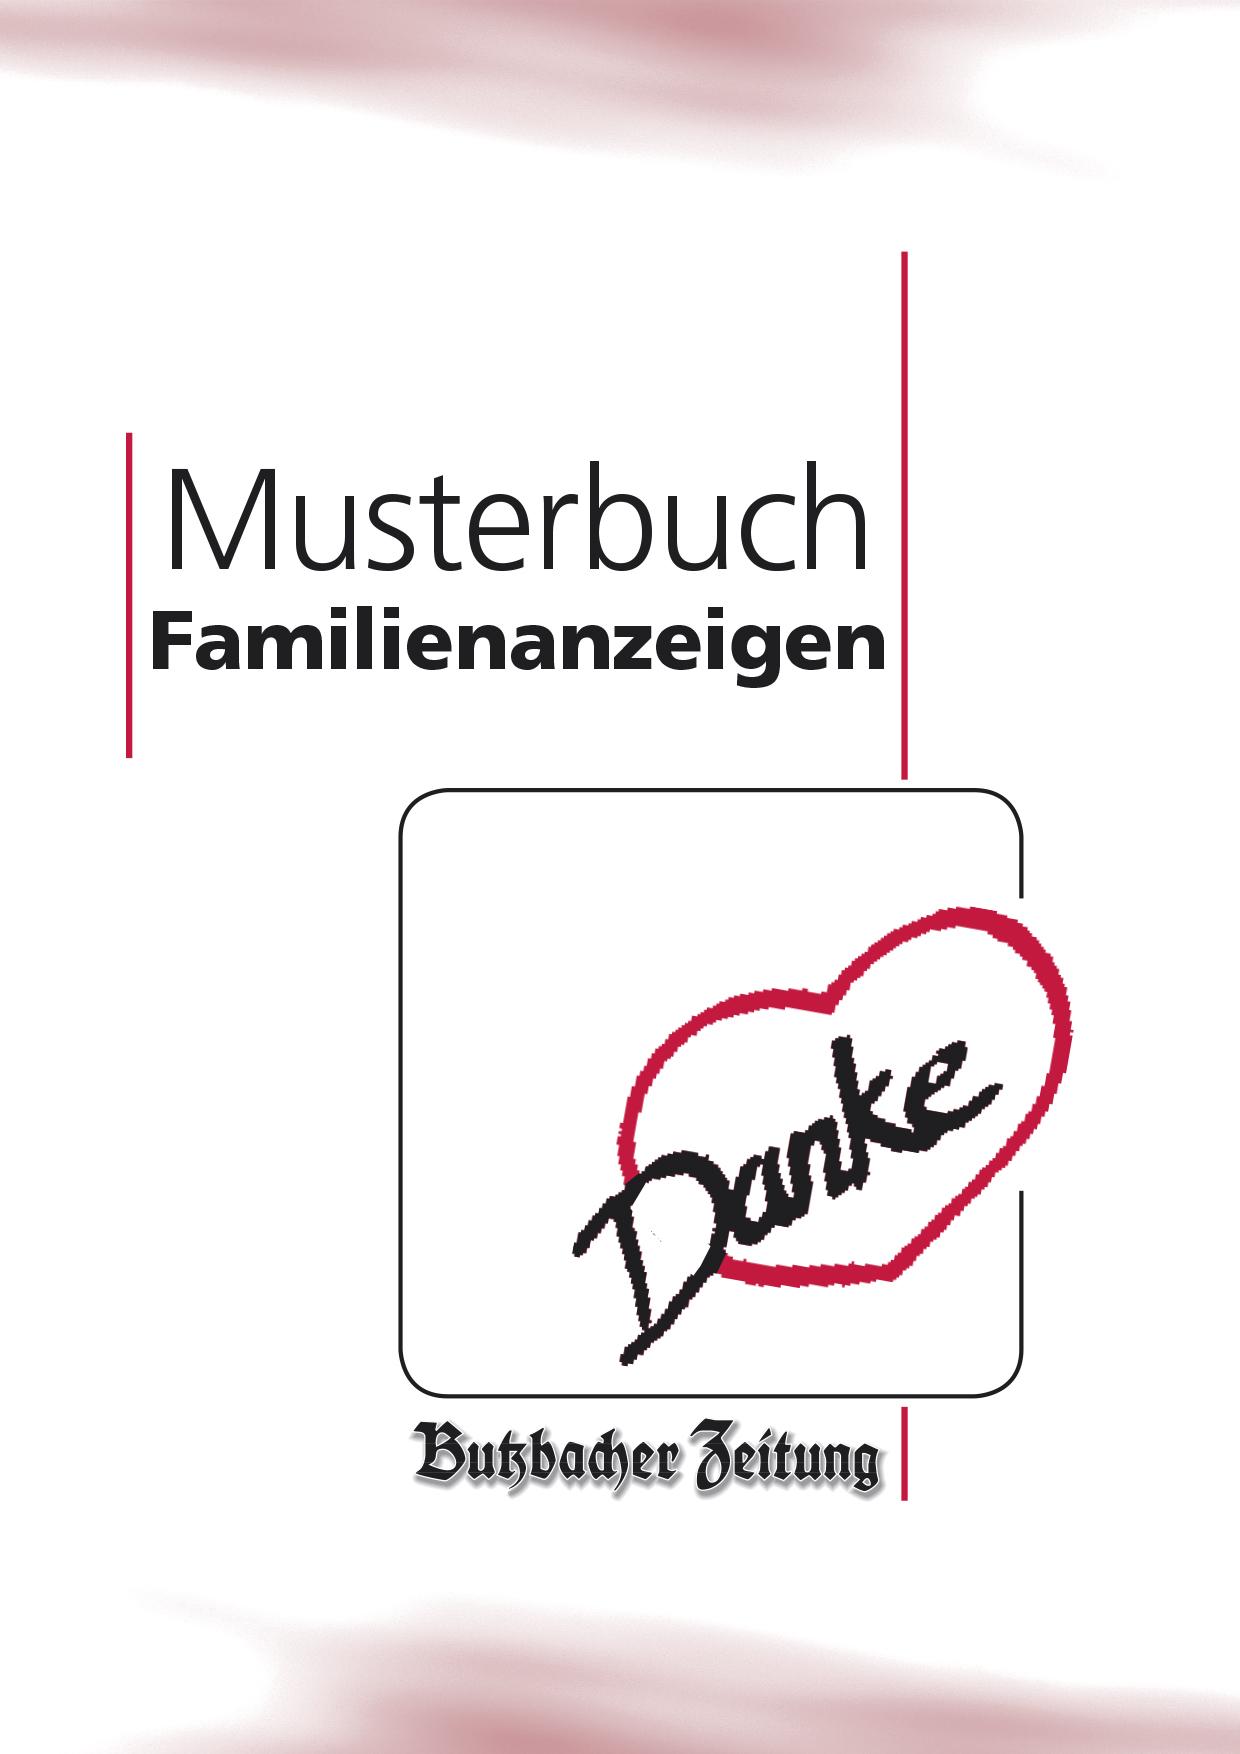 musterbuch-familienanzeigen